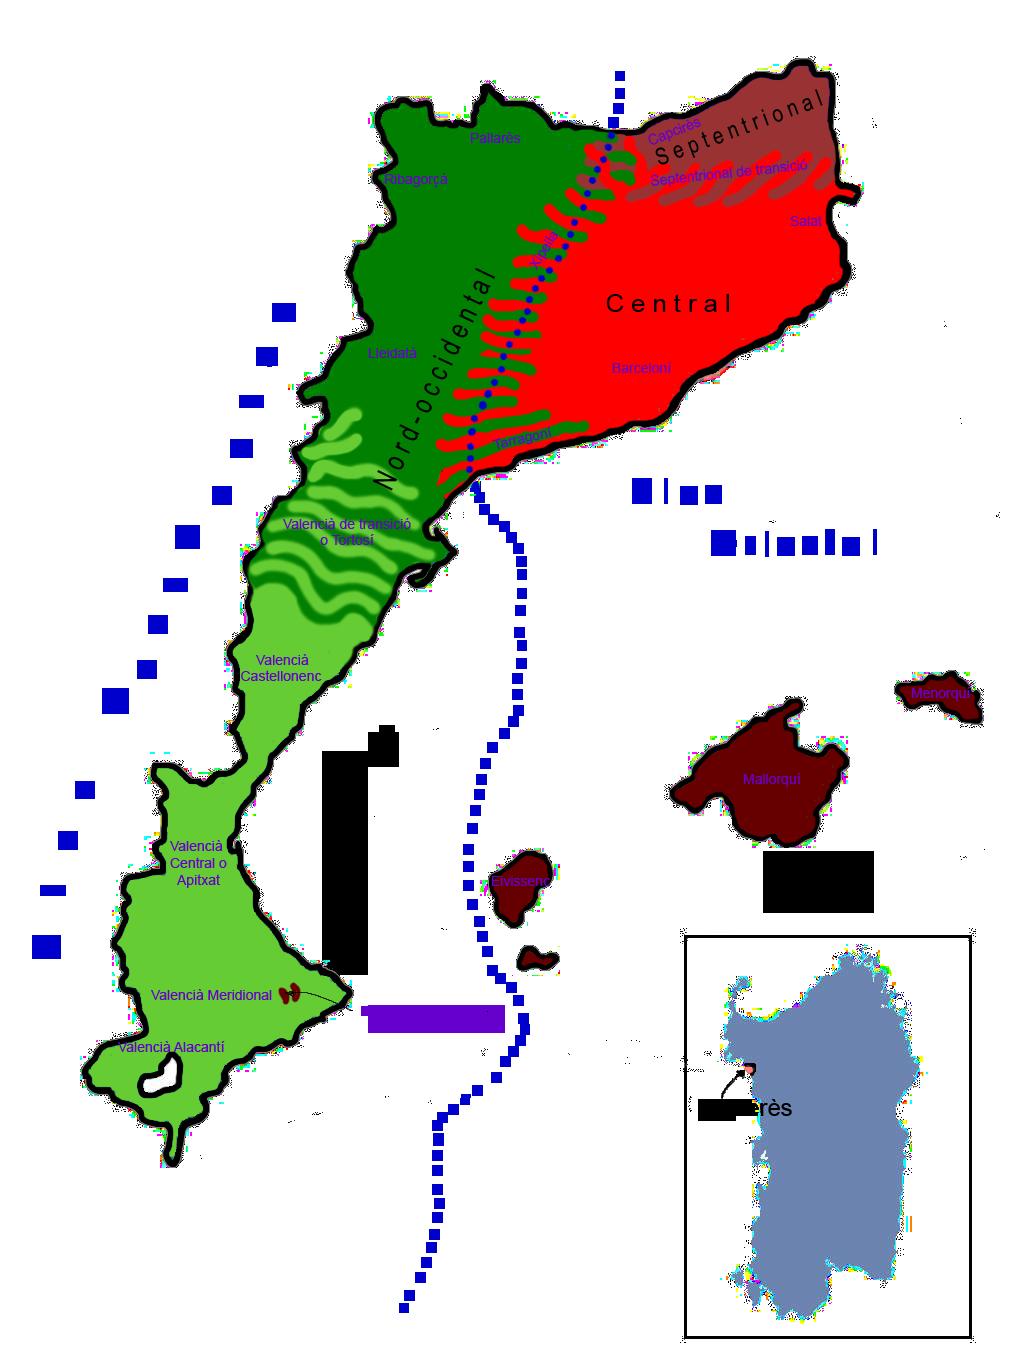 Le varieta geografiche del catalano.